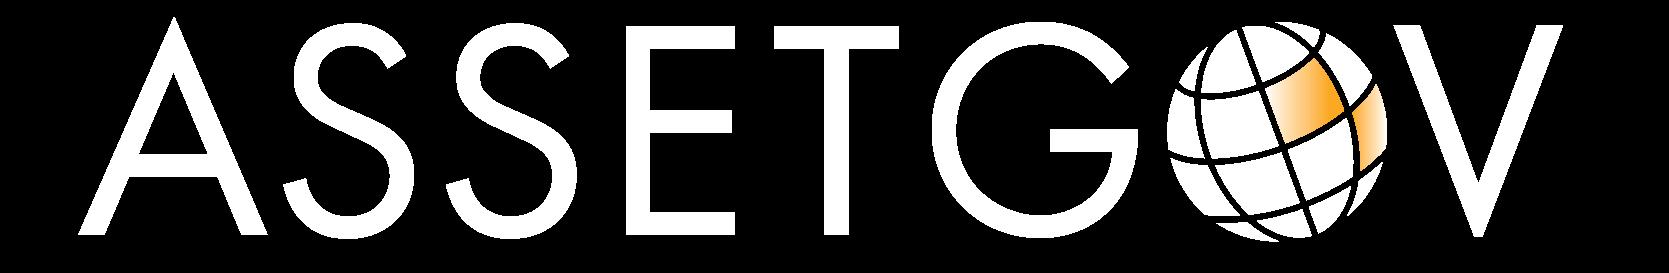 AssetGOV Logo